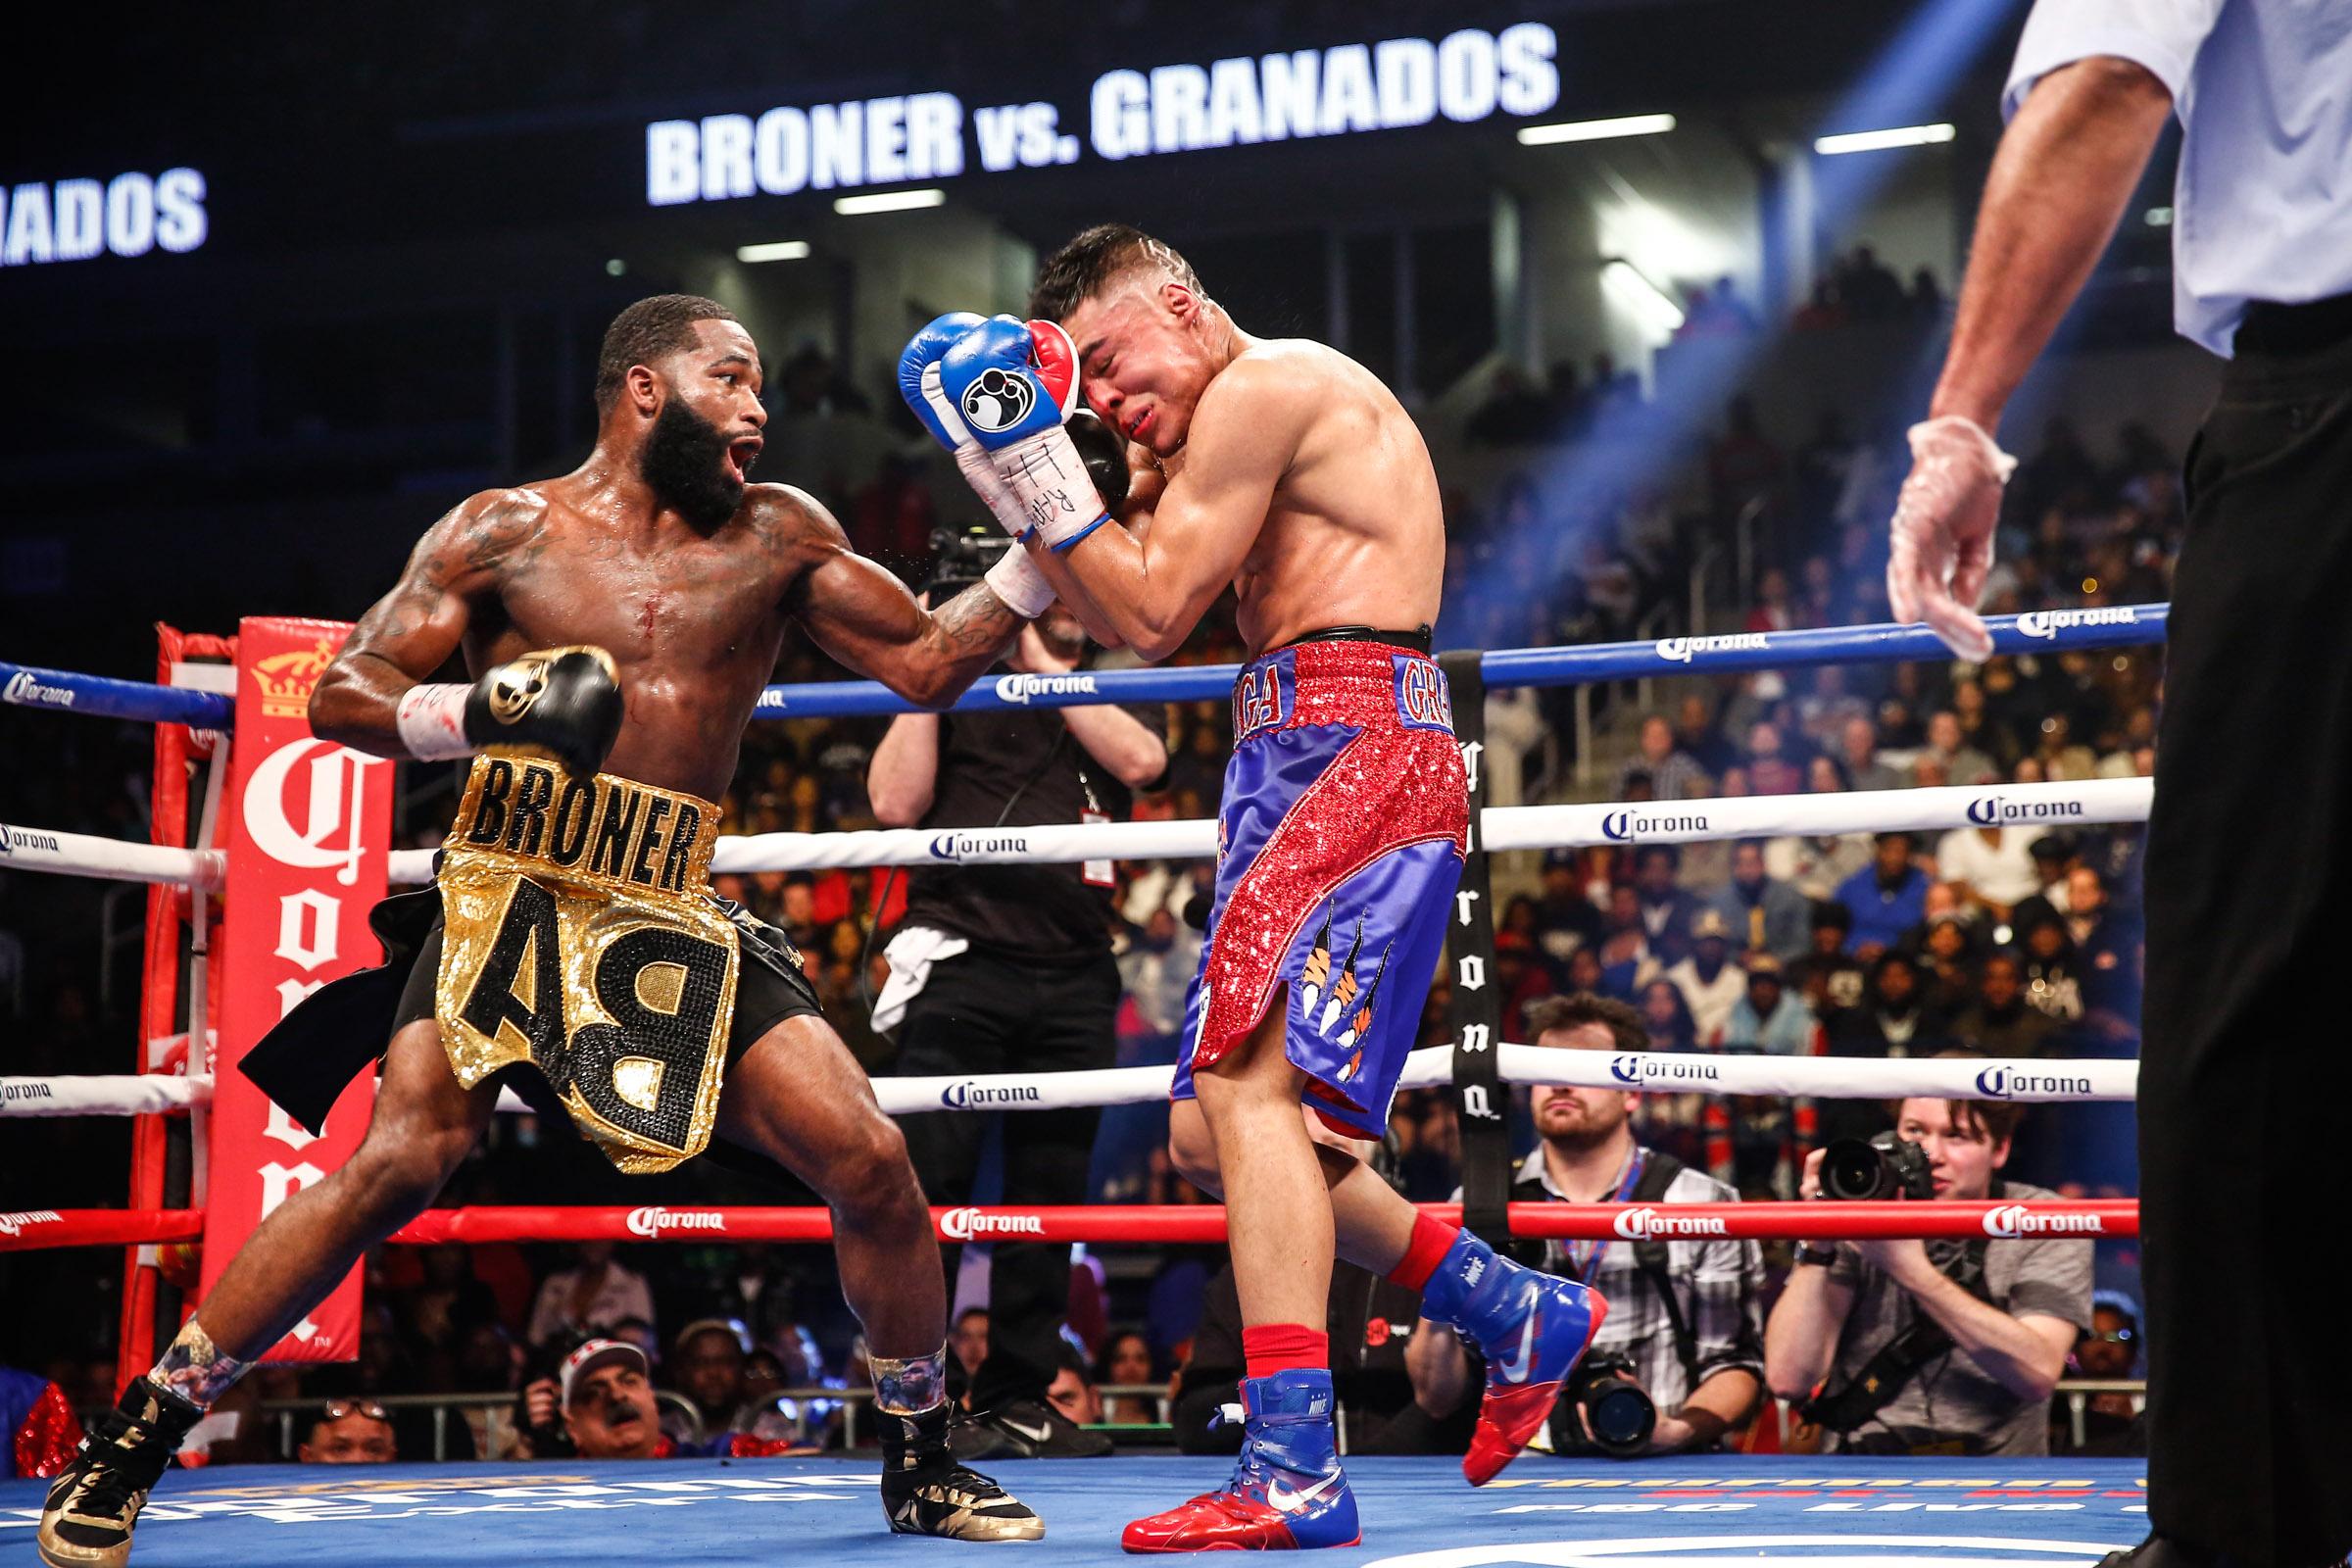 LR_SHO-FIGHT NIGHT-BRONER VS GRANADOS-02182017-9684